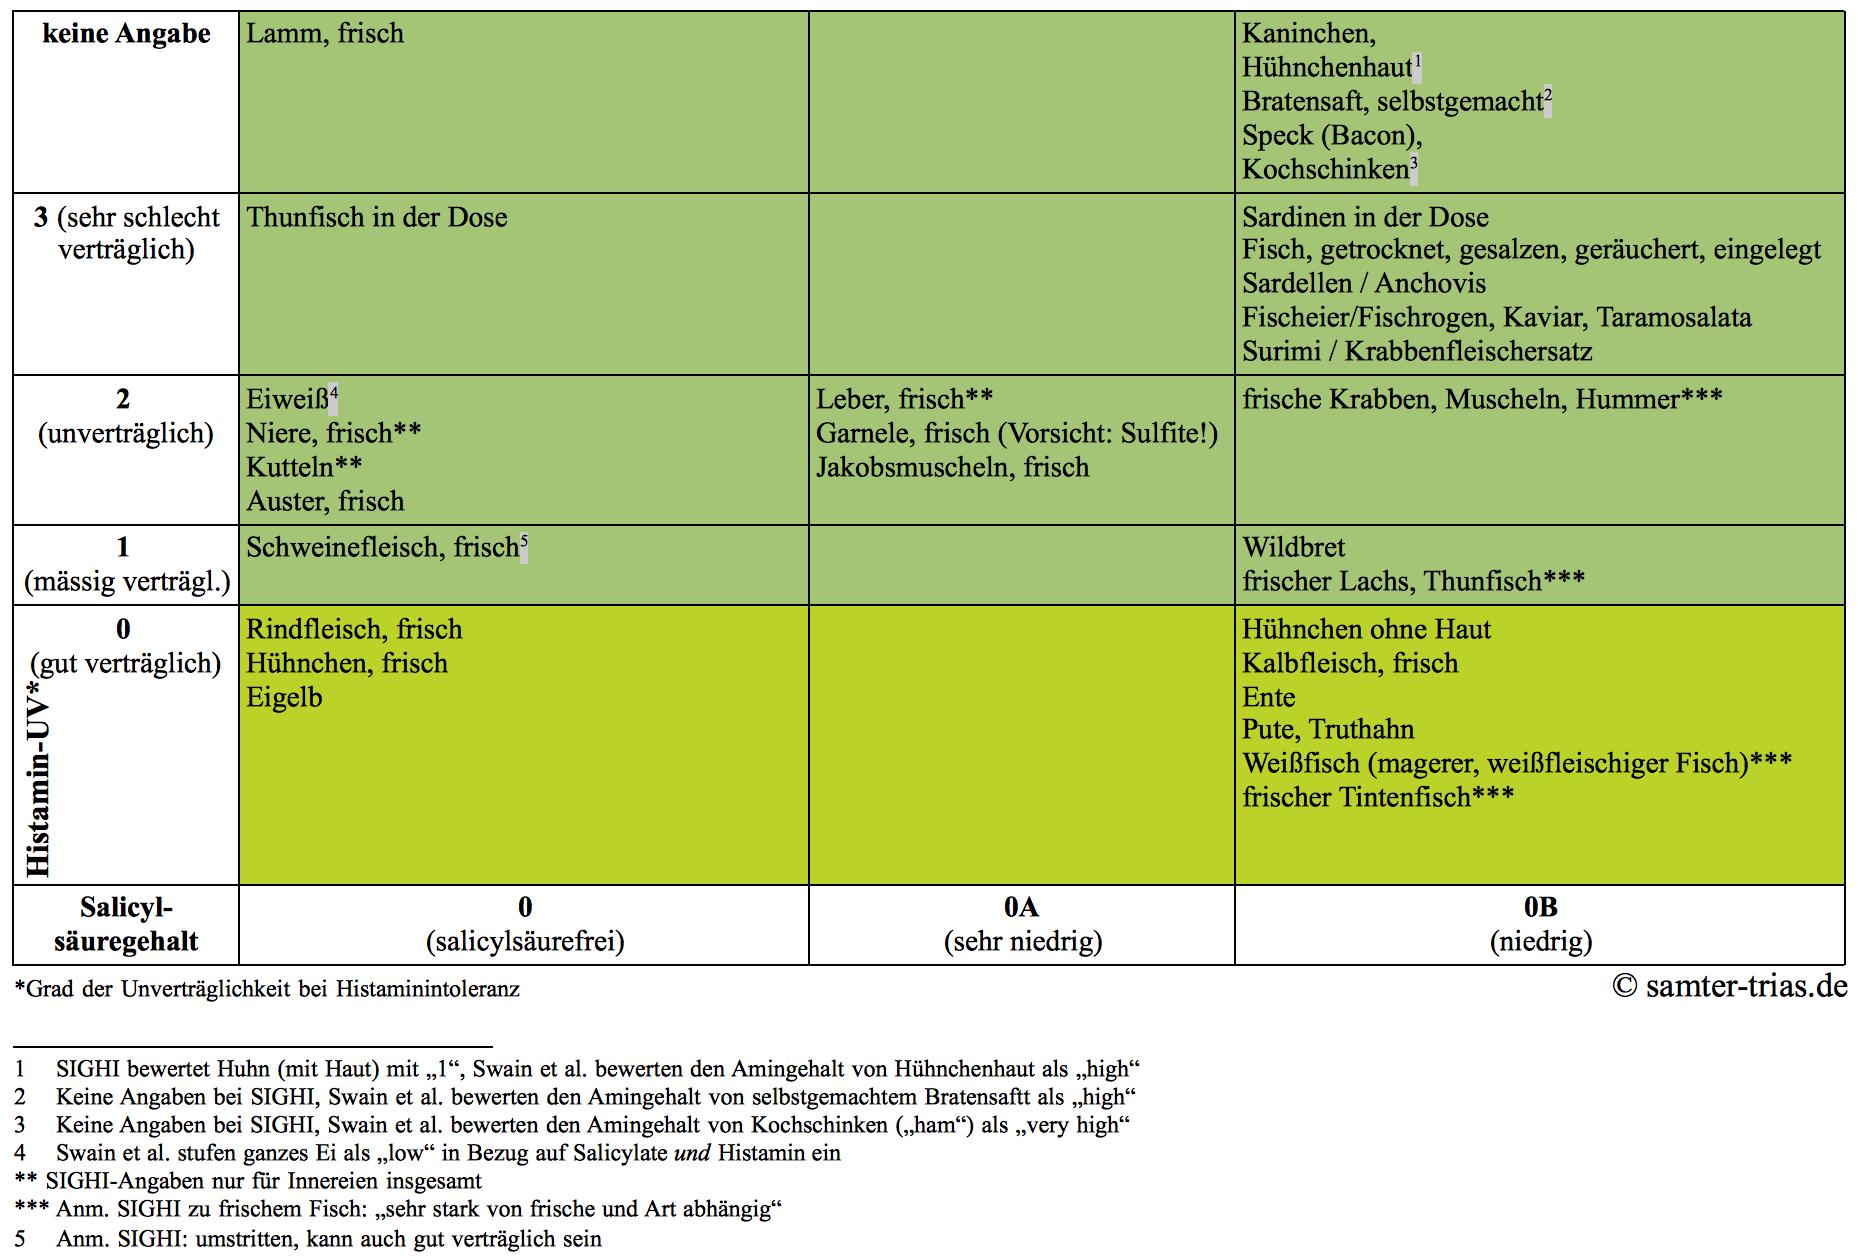 Tabelle Salicylsäure- und Histamingehalt von Fleisch, Fisch und Ei